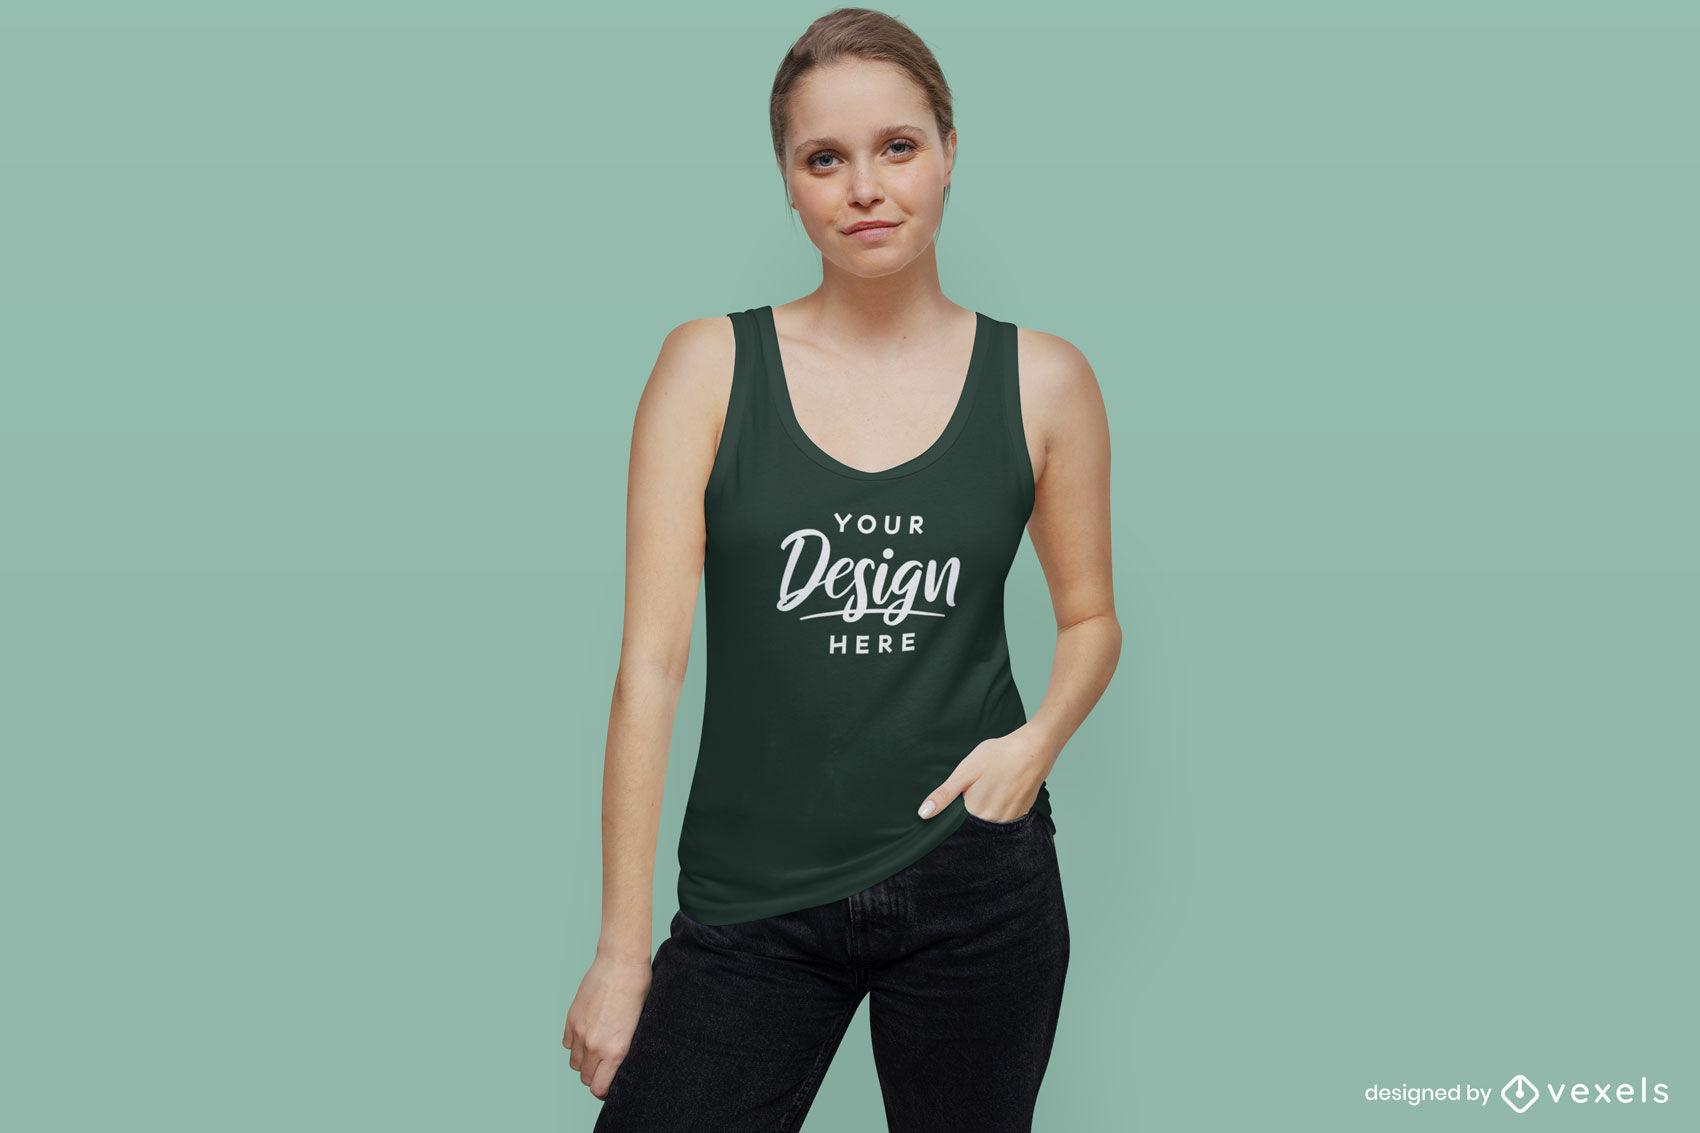 Grünes Trägershirt Mädchen Hintergrundmodell